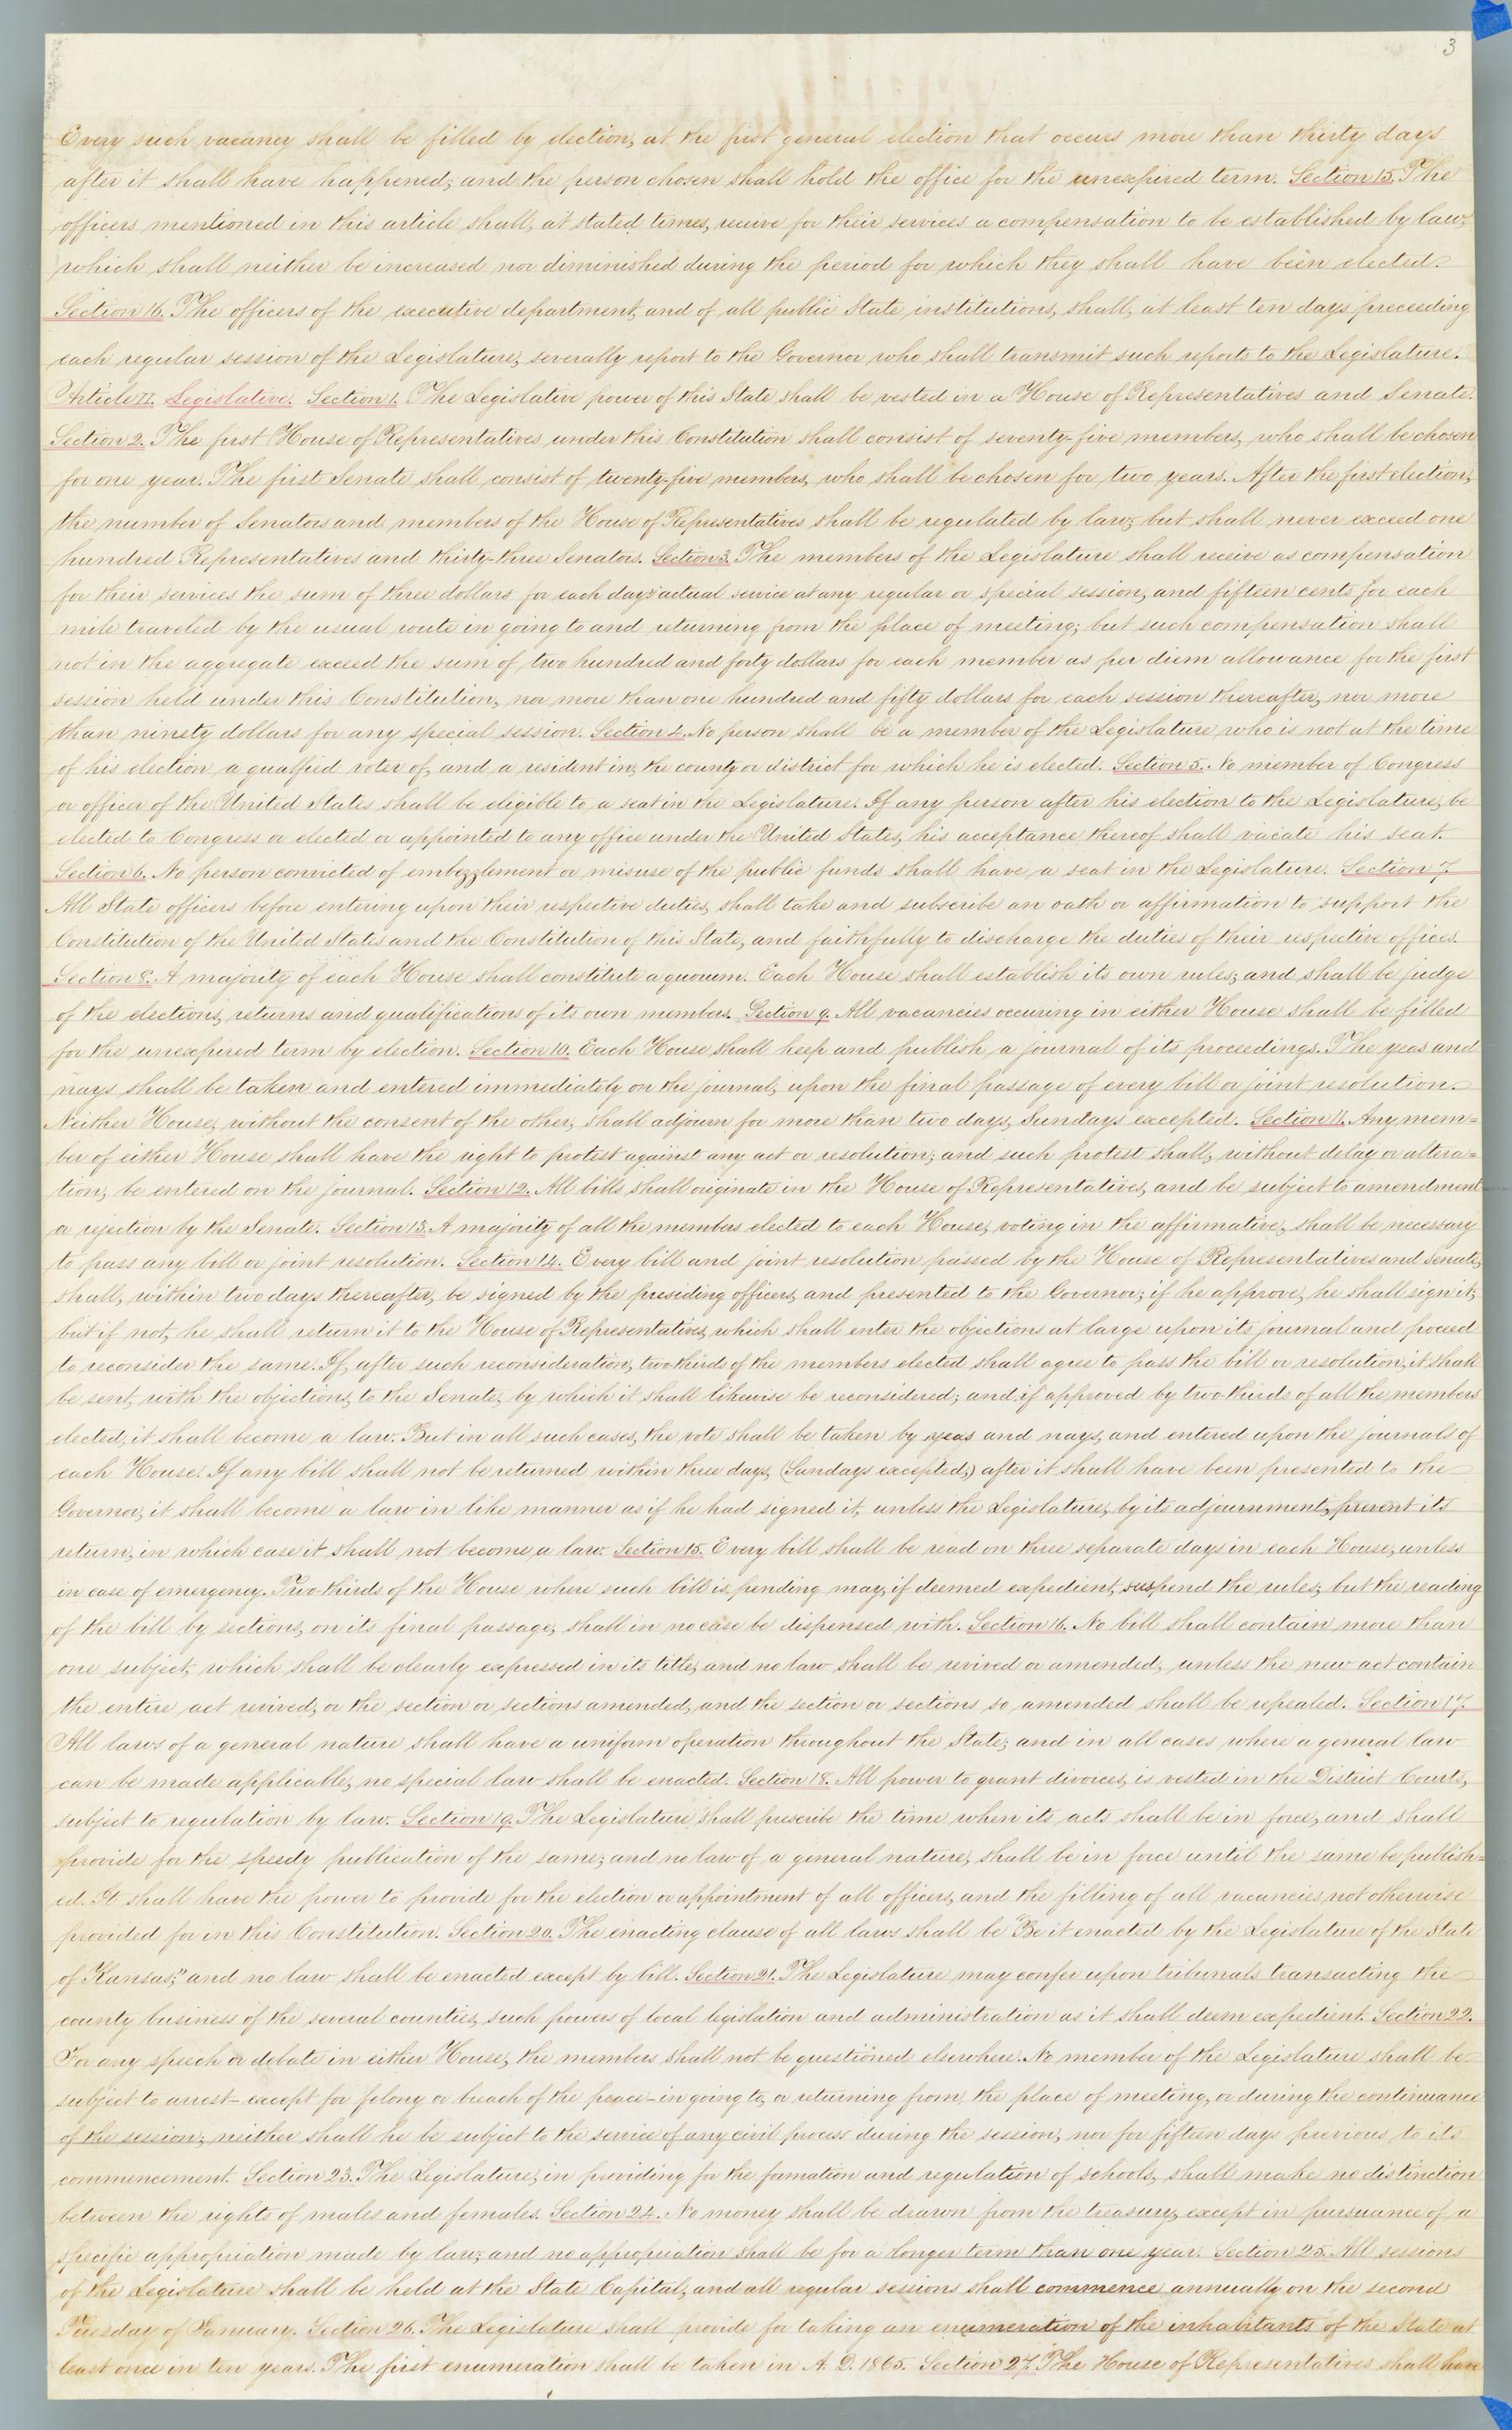 Wyandotte Constitution - 3